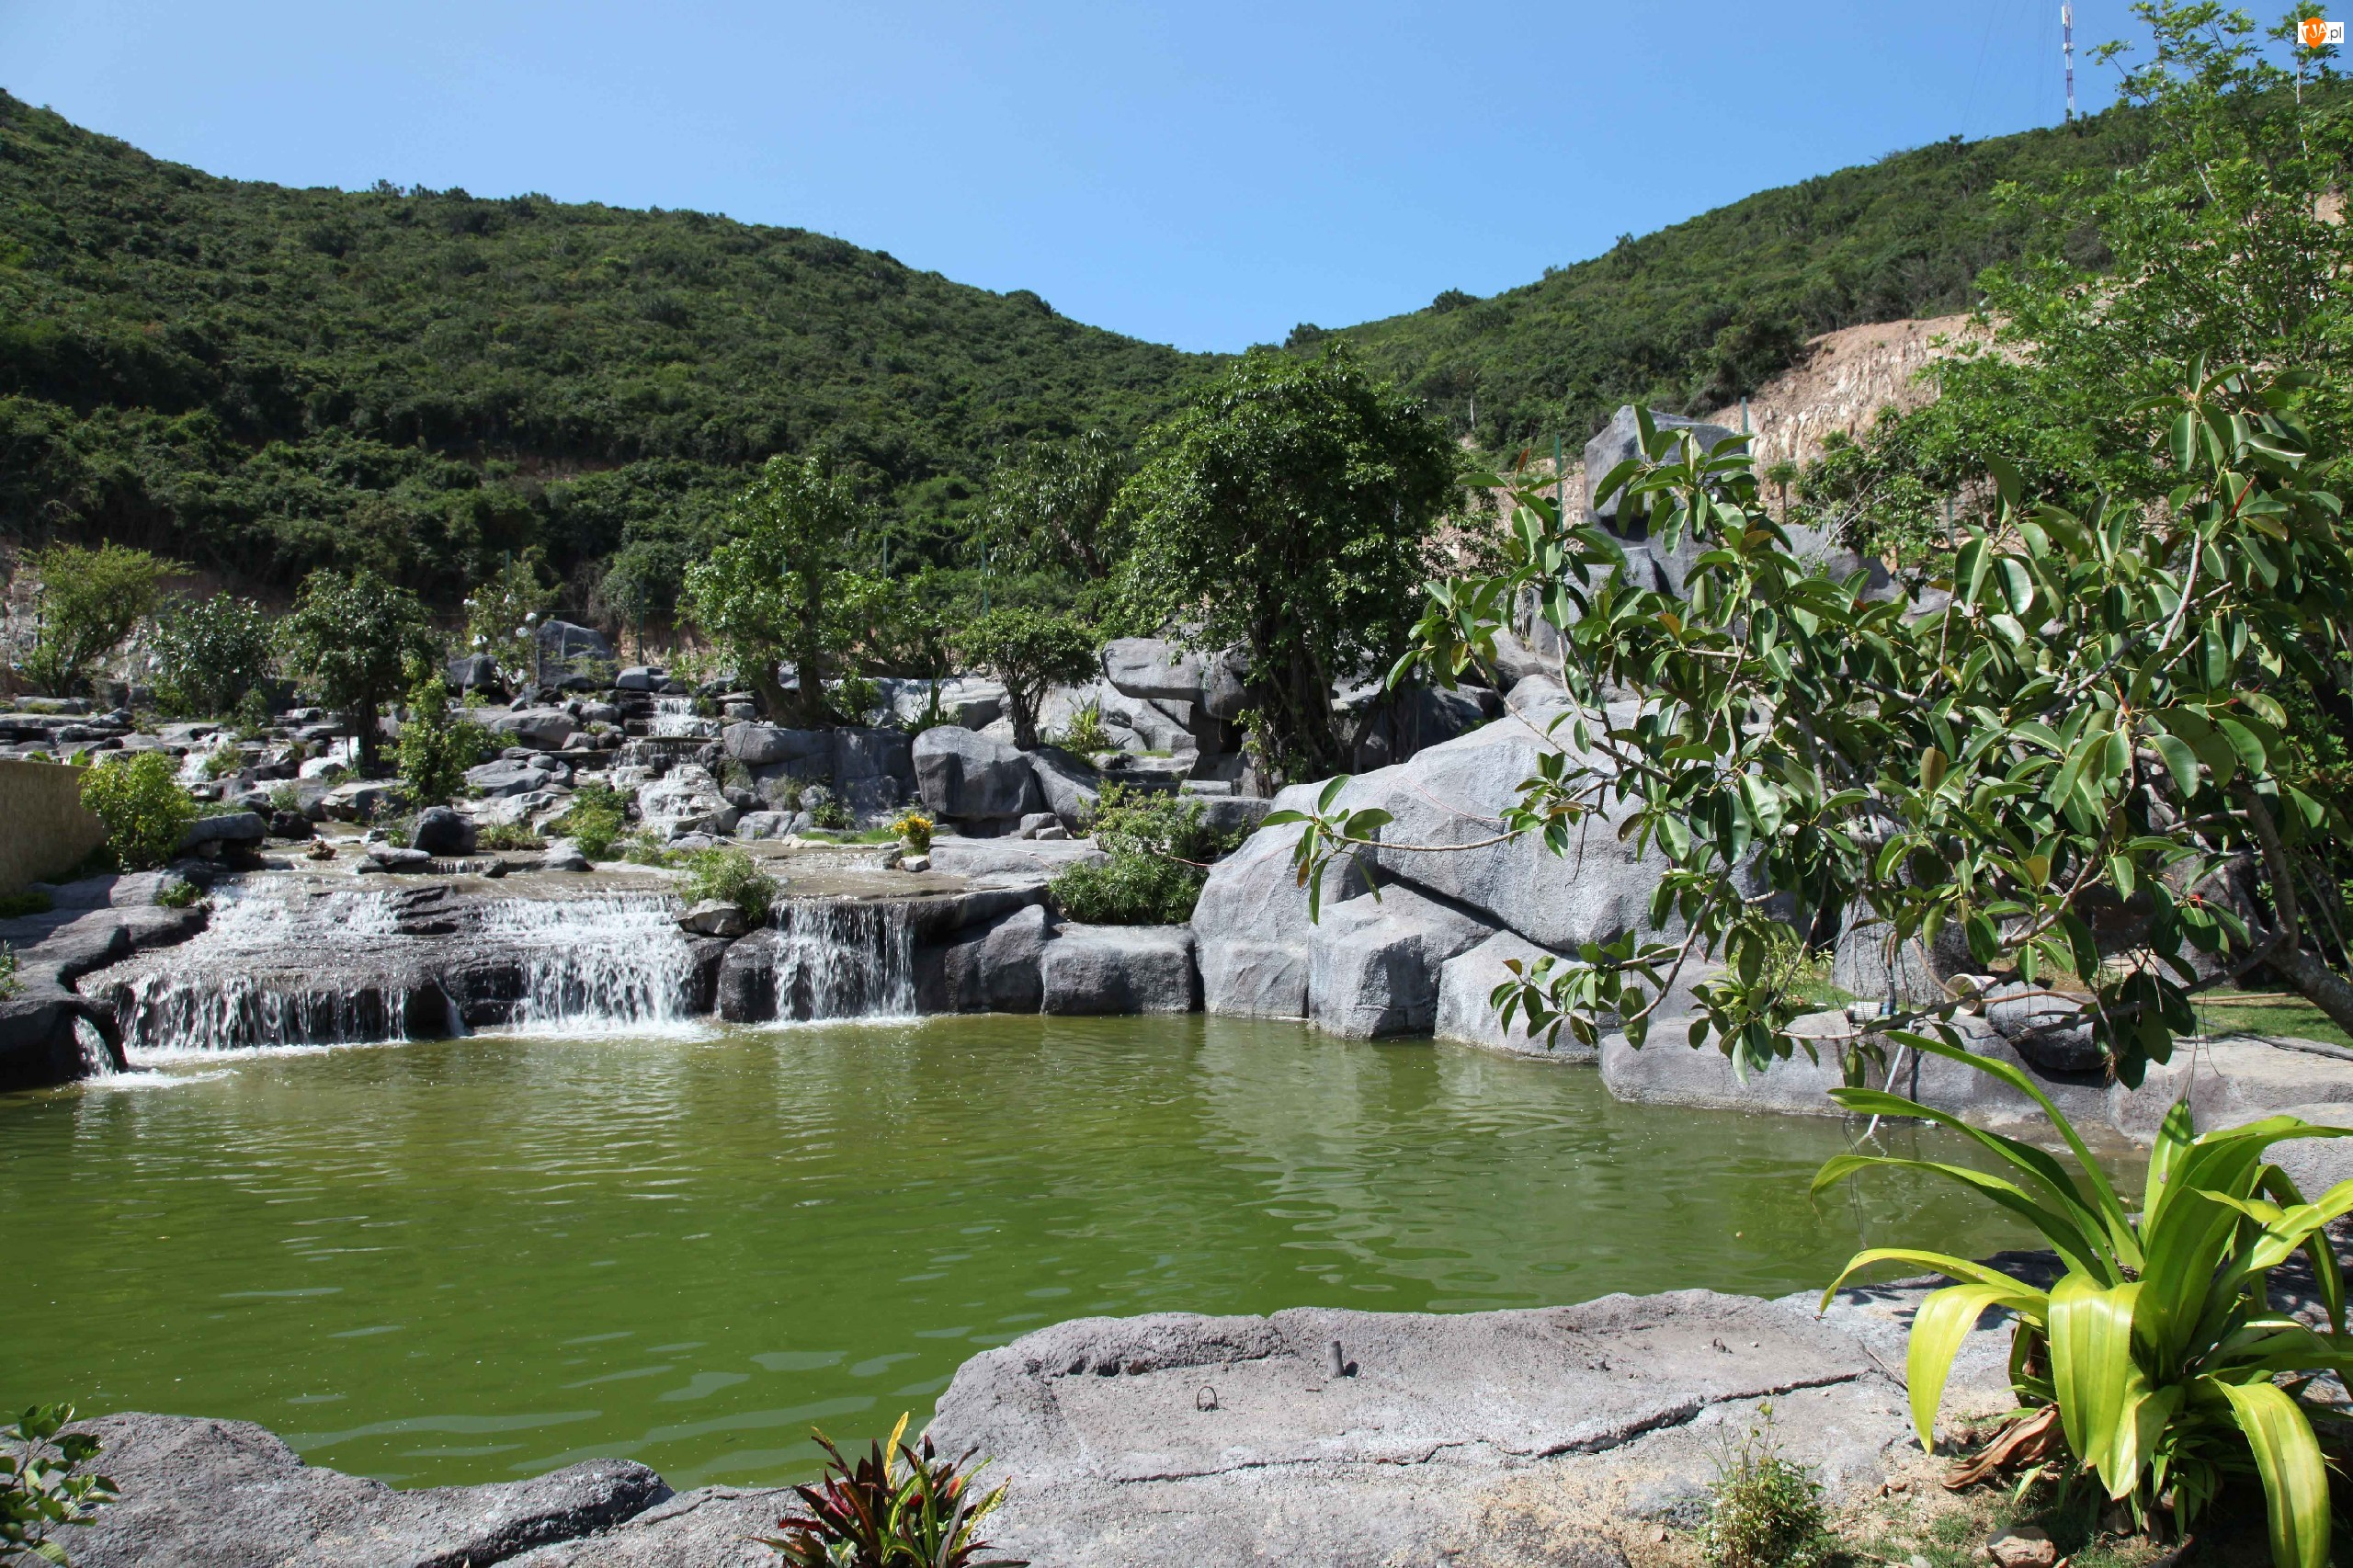 Góry, Wodospad, Skały, Jeziorko, Zalesione